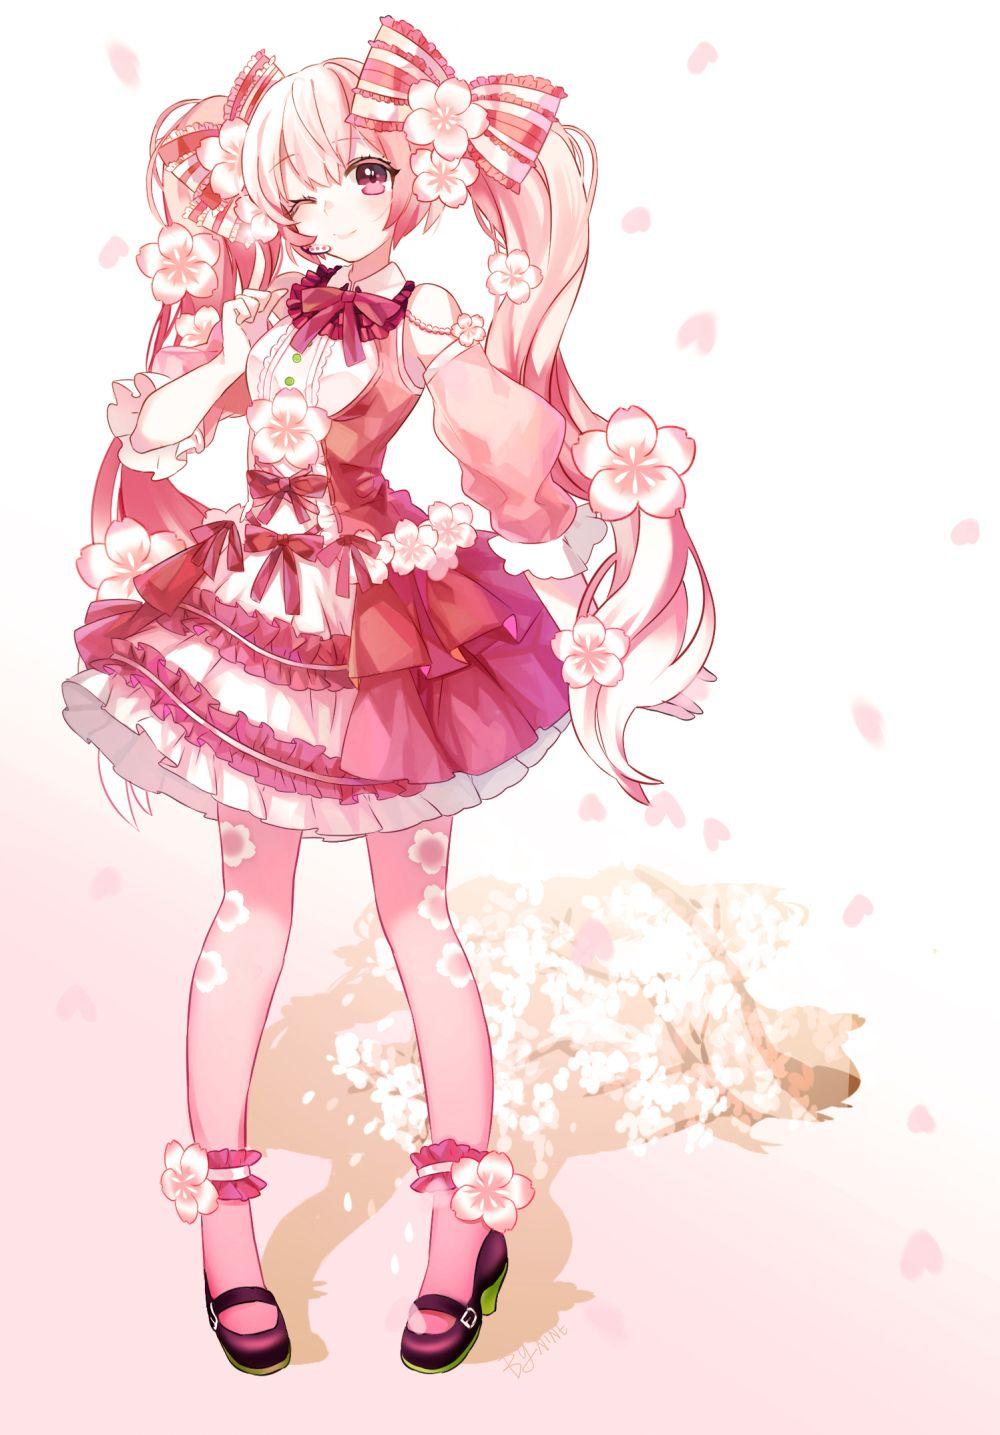 ❀」/「小九」のイラスト [pixiv] #桜ミク #初音ミク | 二次元女の子